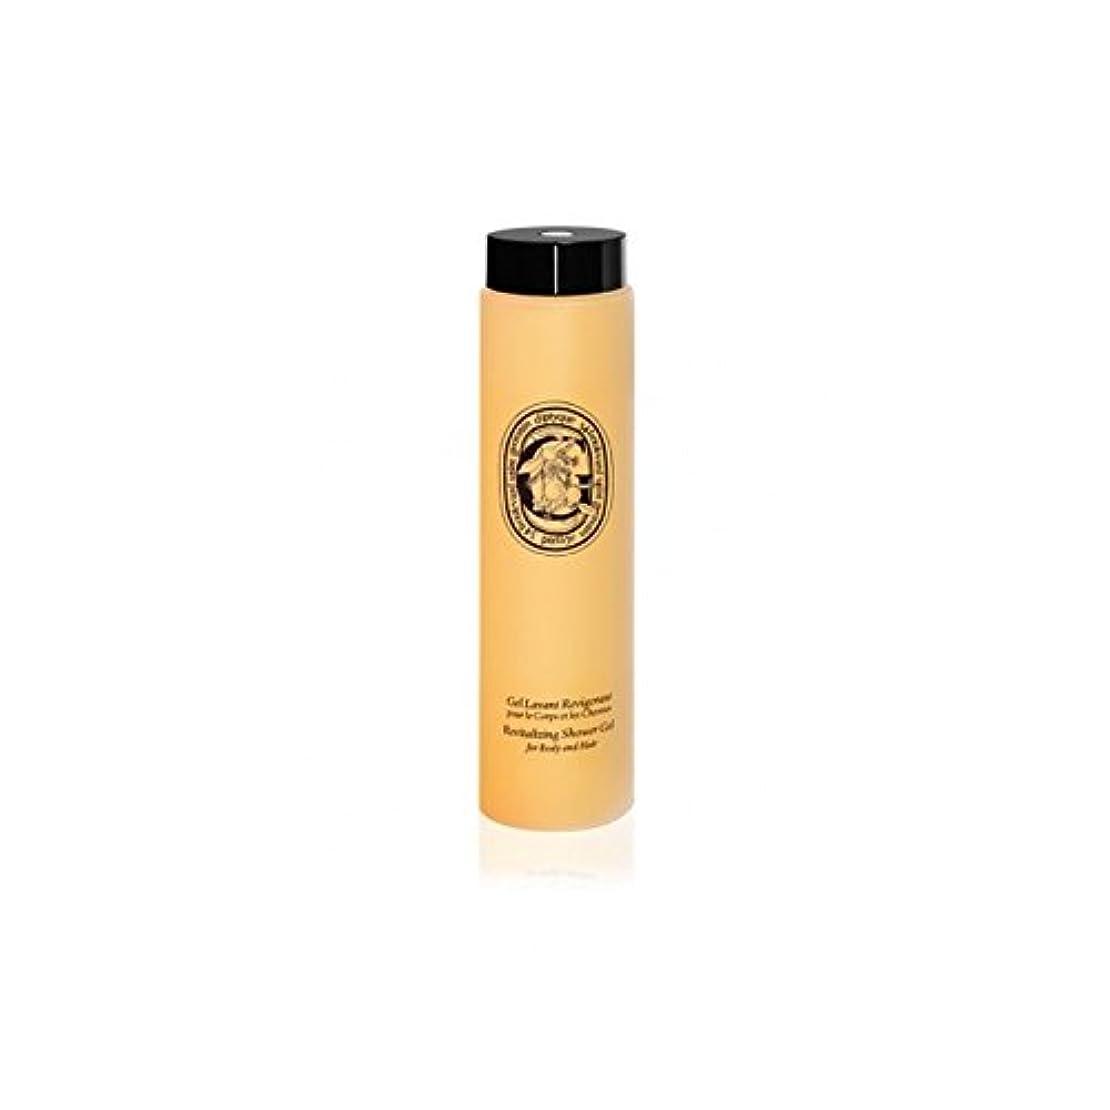 雑多なラベンダー全部Diptyque Revitalizing Shower Gel For Body And Hair 200ml (Pack of 6) - ボディ、ヘア200ミリリットルのためDiptyqueのリバイタライジングシャワージェル...